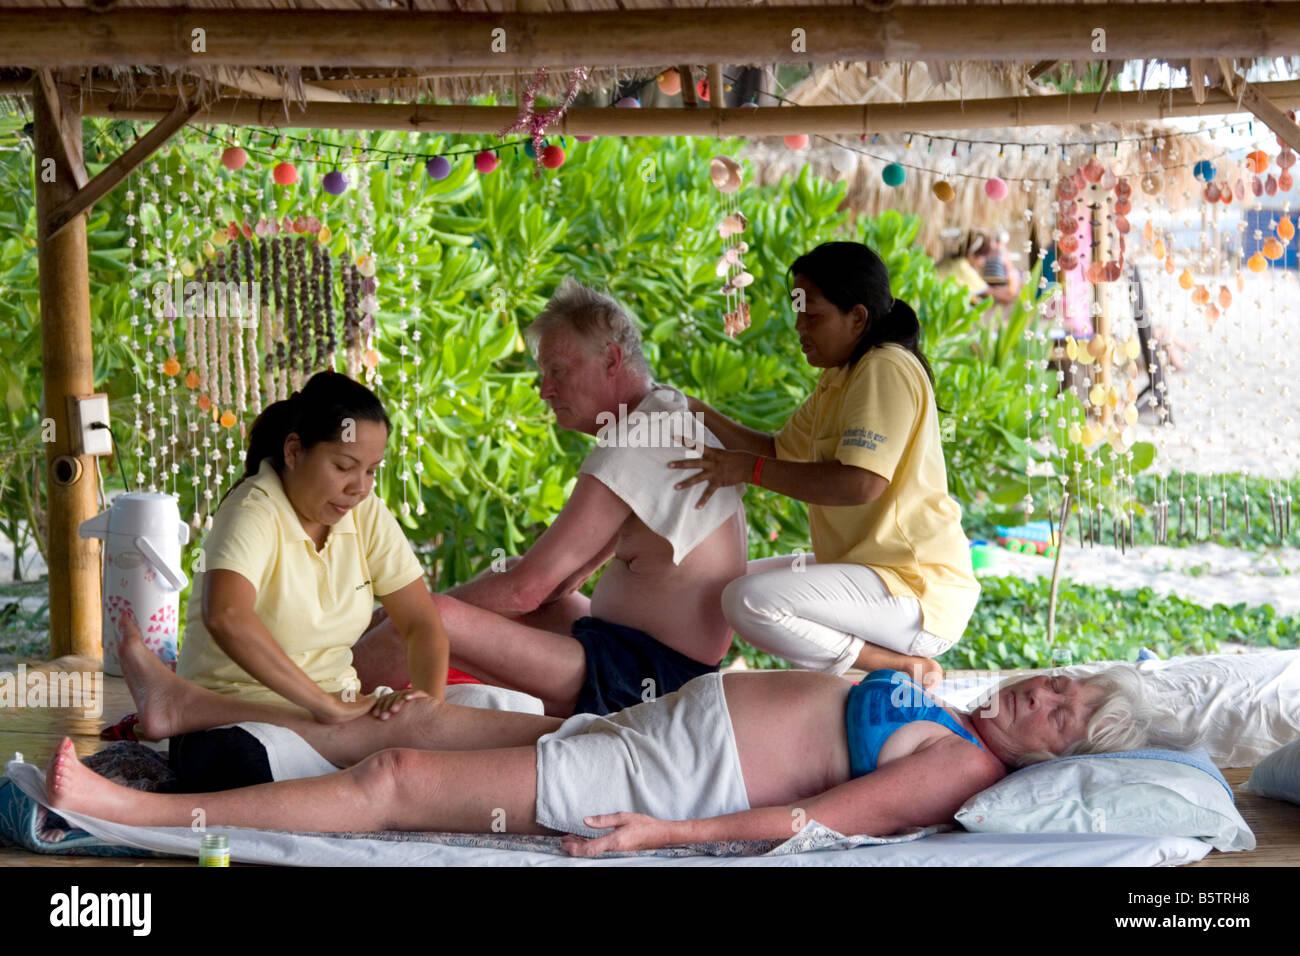 stockholmstjejer net lets deal massage